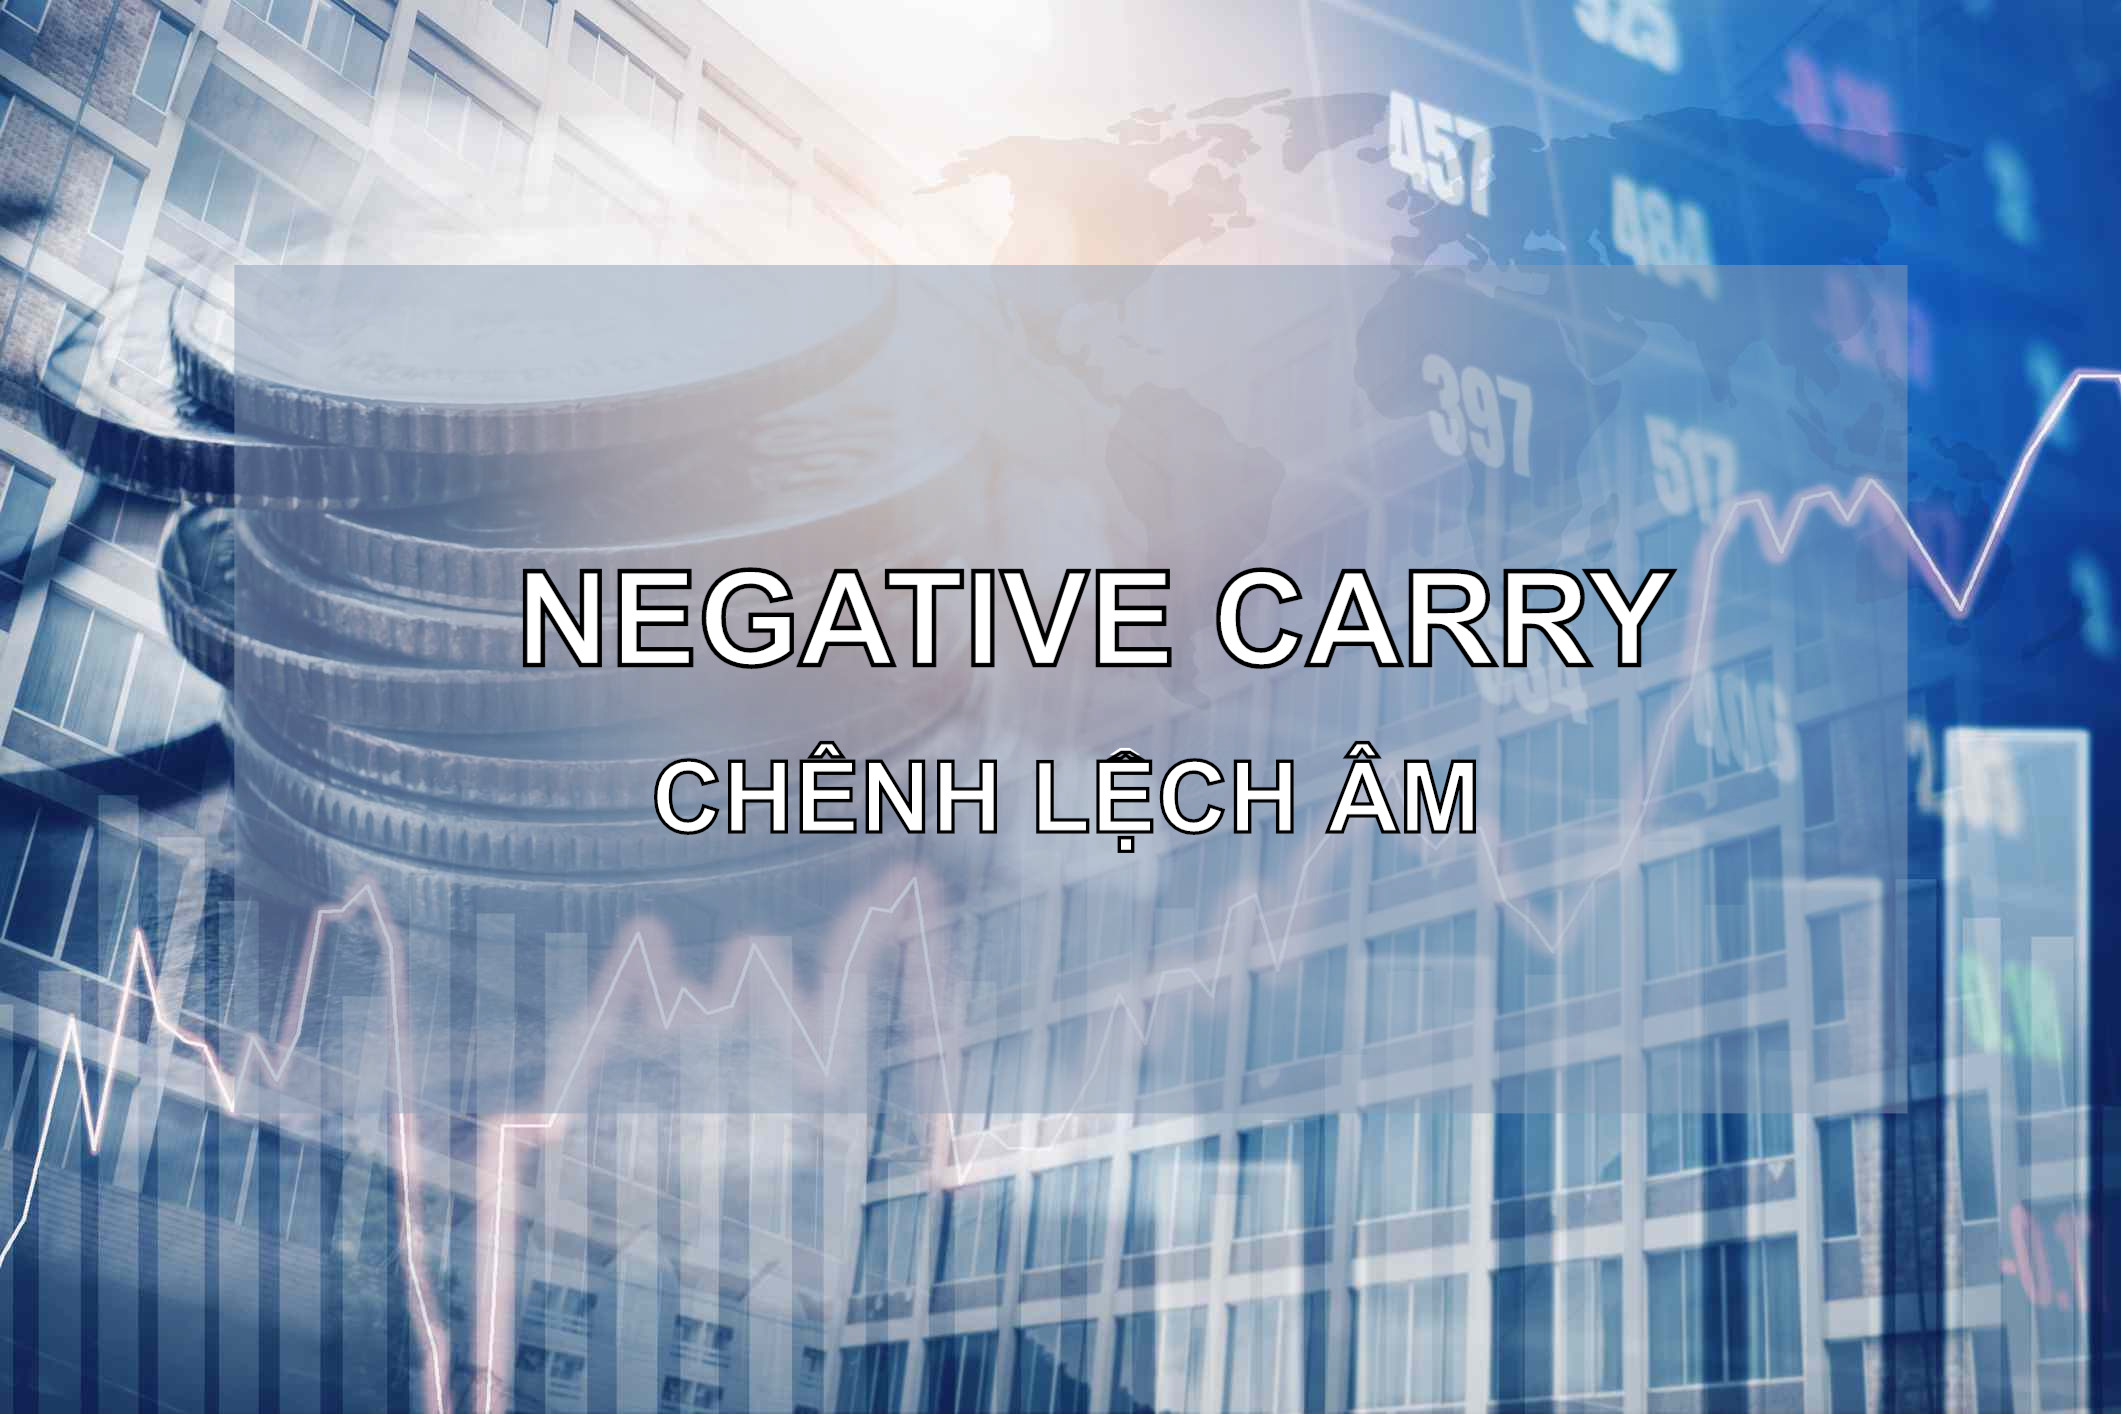 Chênh lệch âm (Negative Carry) trong đầu tư là gì? Đặc điểm - Ảnh 1.